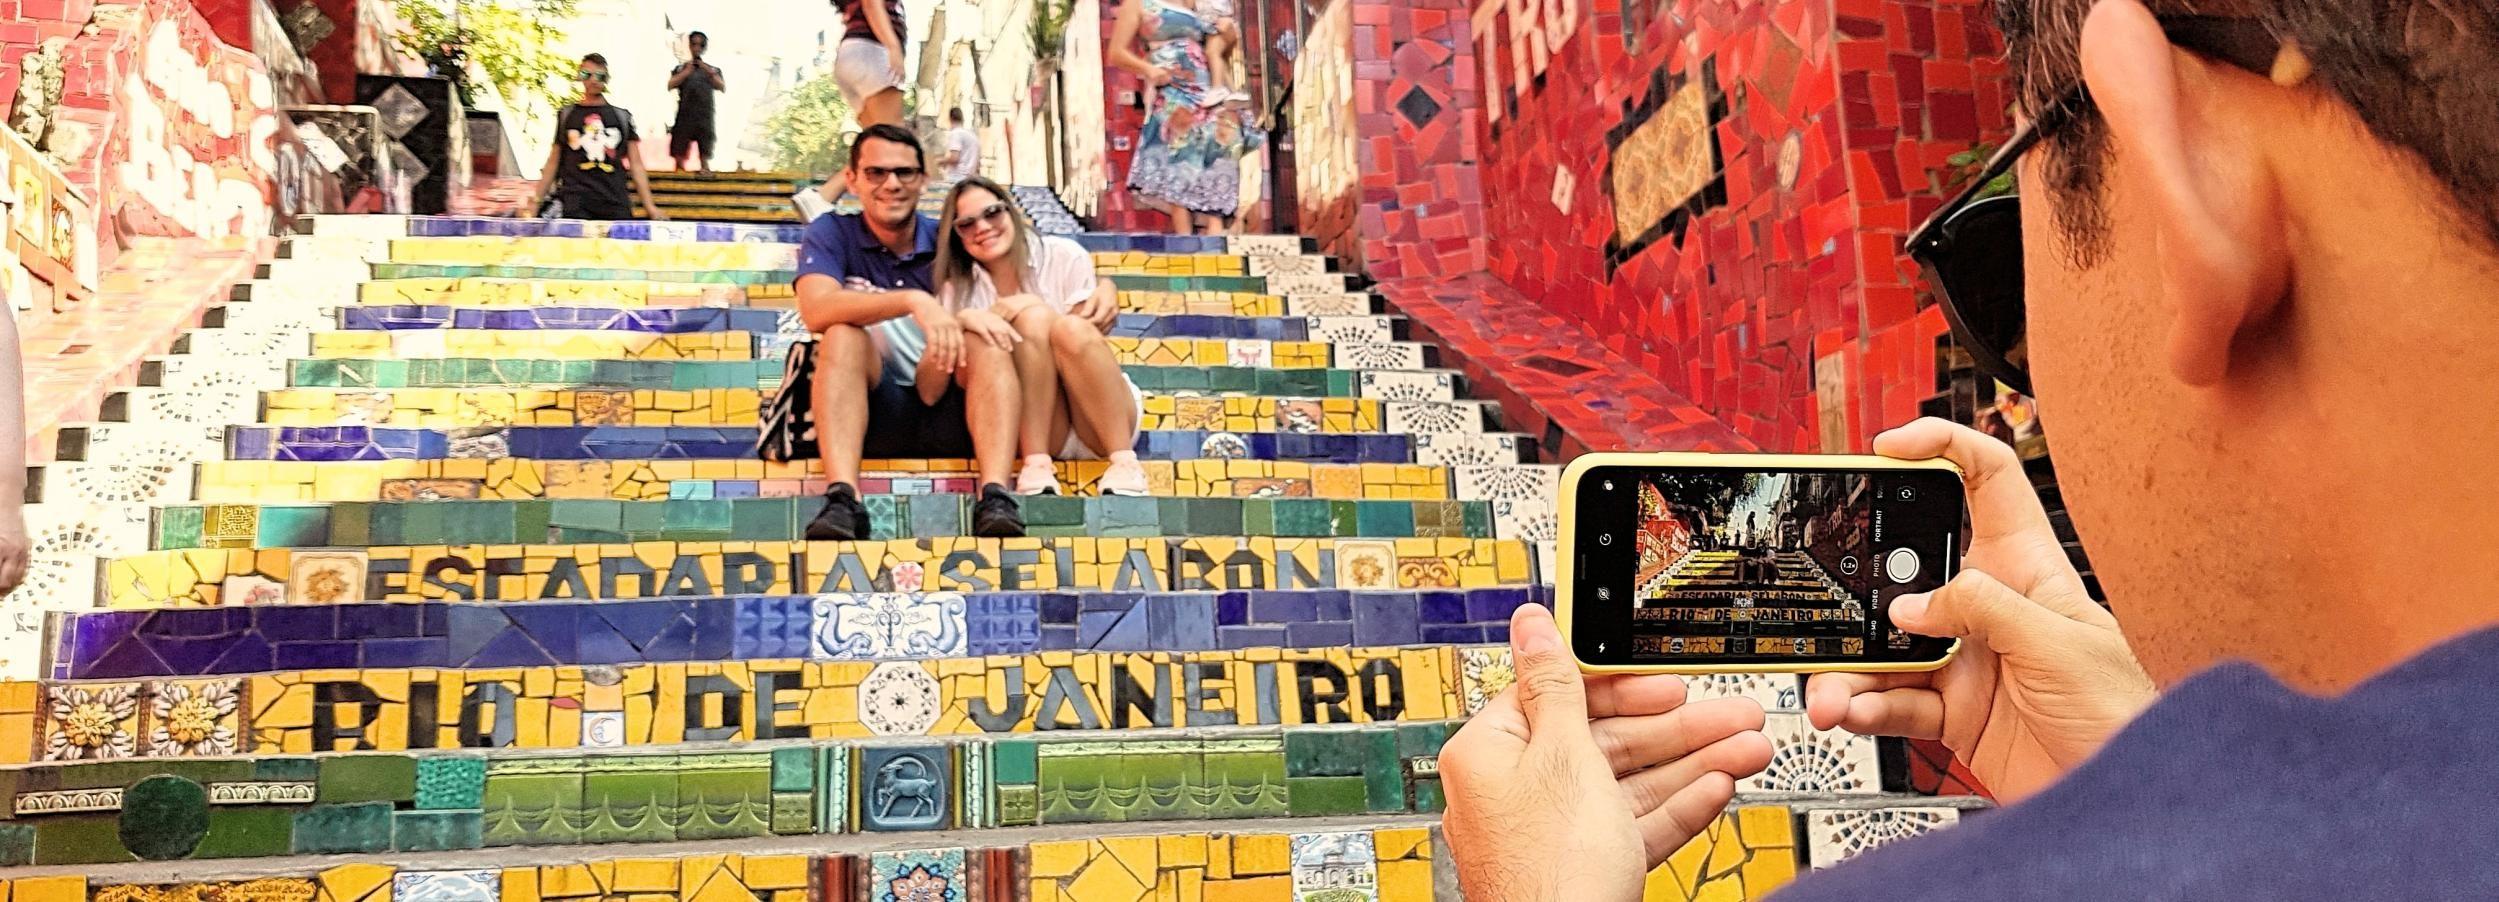 Río: tour de Corcovado, escalera de Selarón y Pan de Azúcar